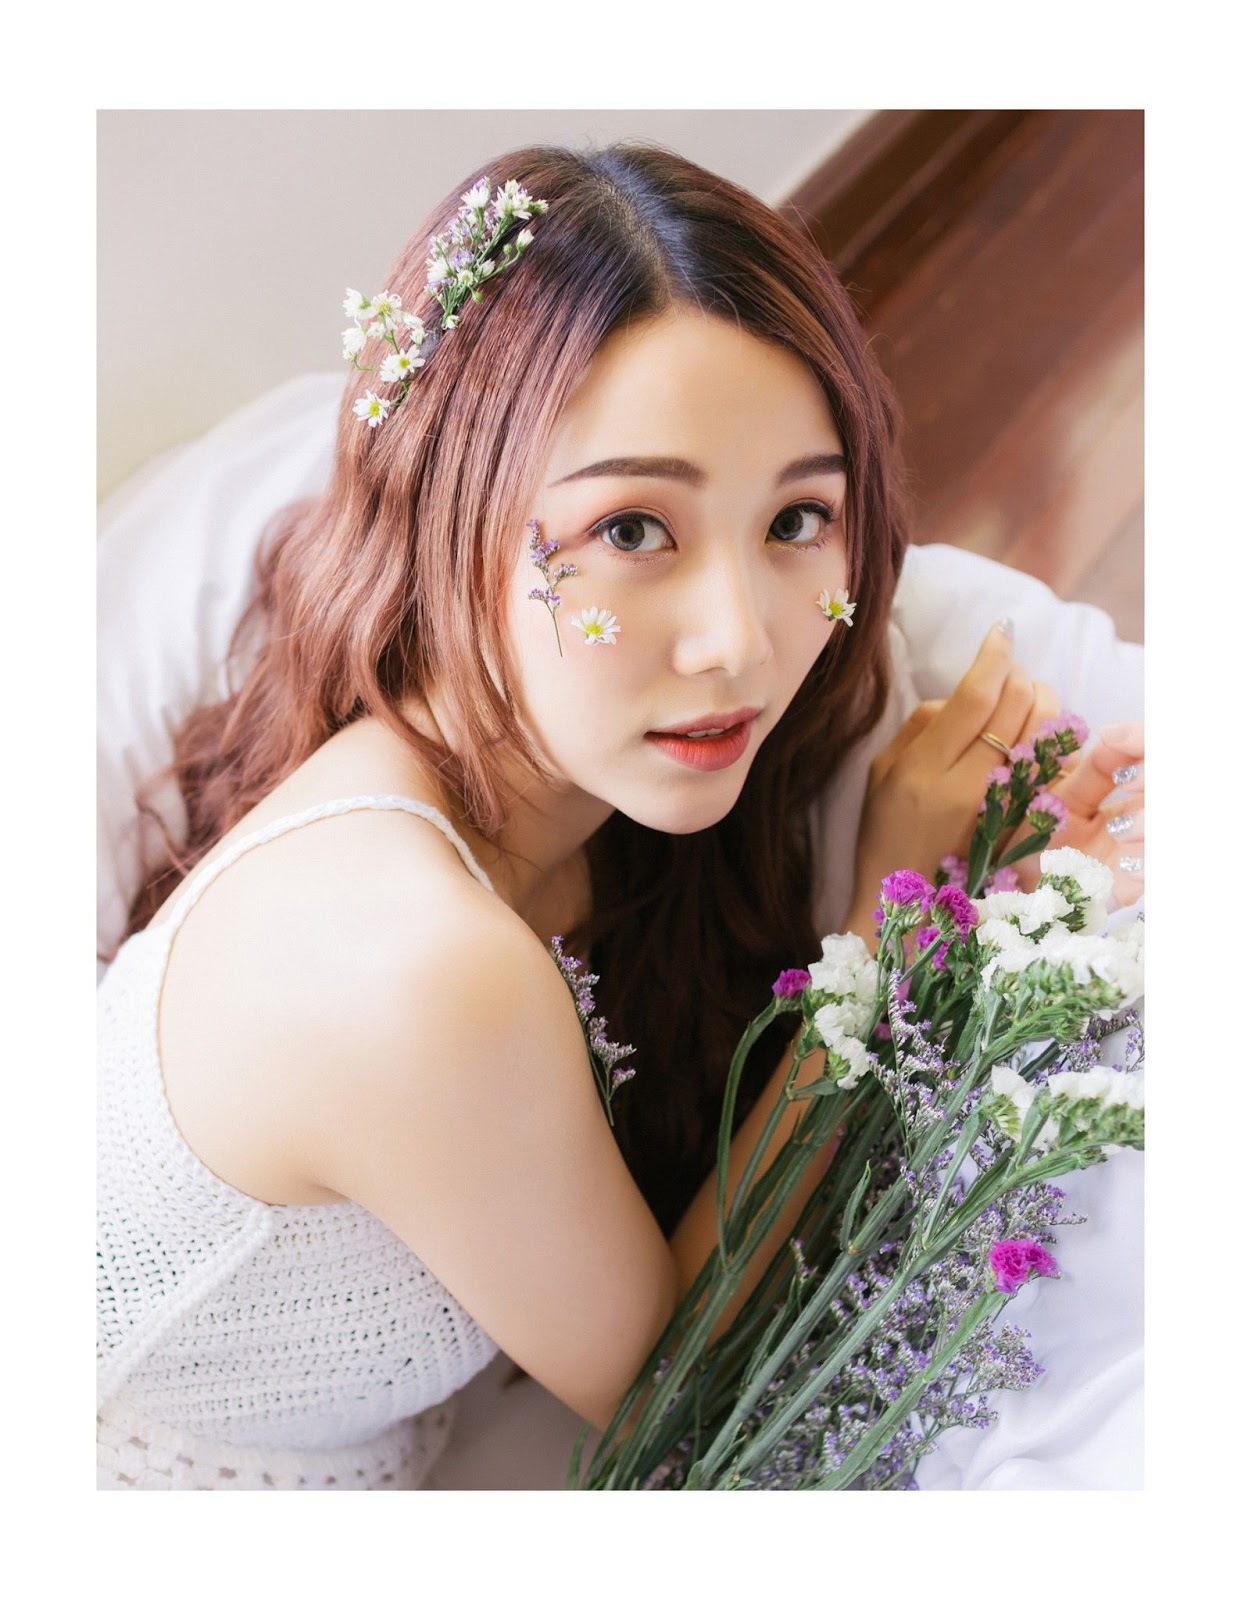 Thailand beautiful model Popor Saechur with photo album Little Princess - Picture 11